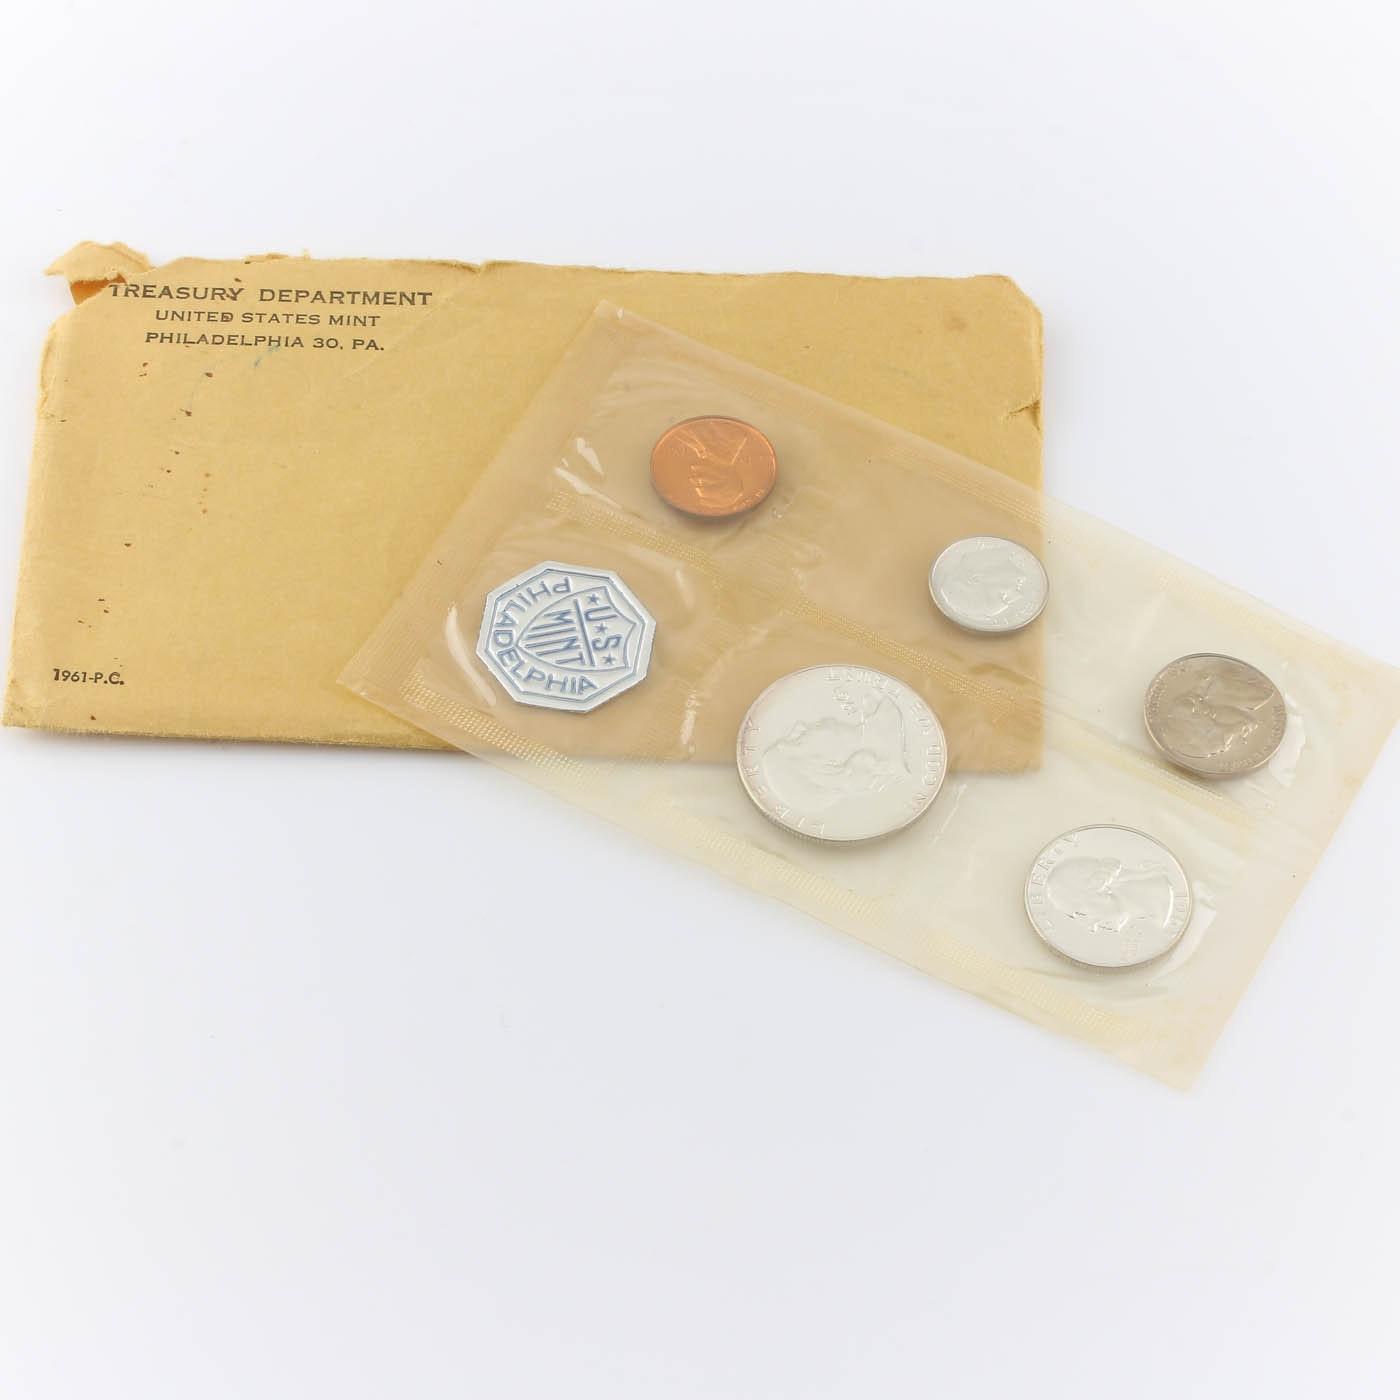 1961 U.S. Philadelphia Mint Proof Set